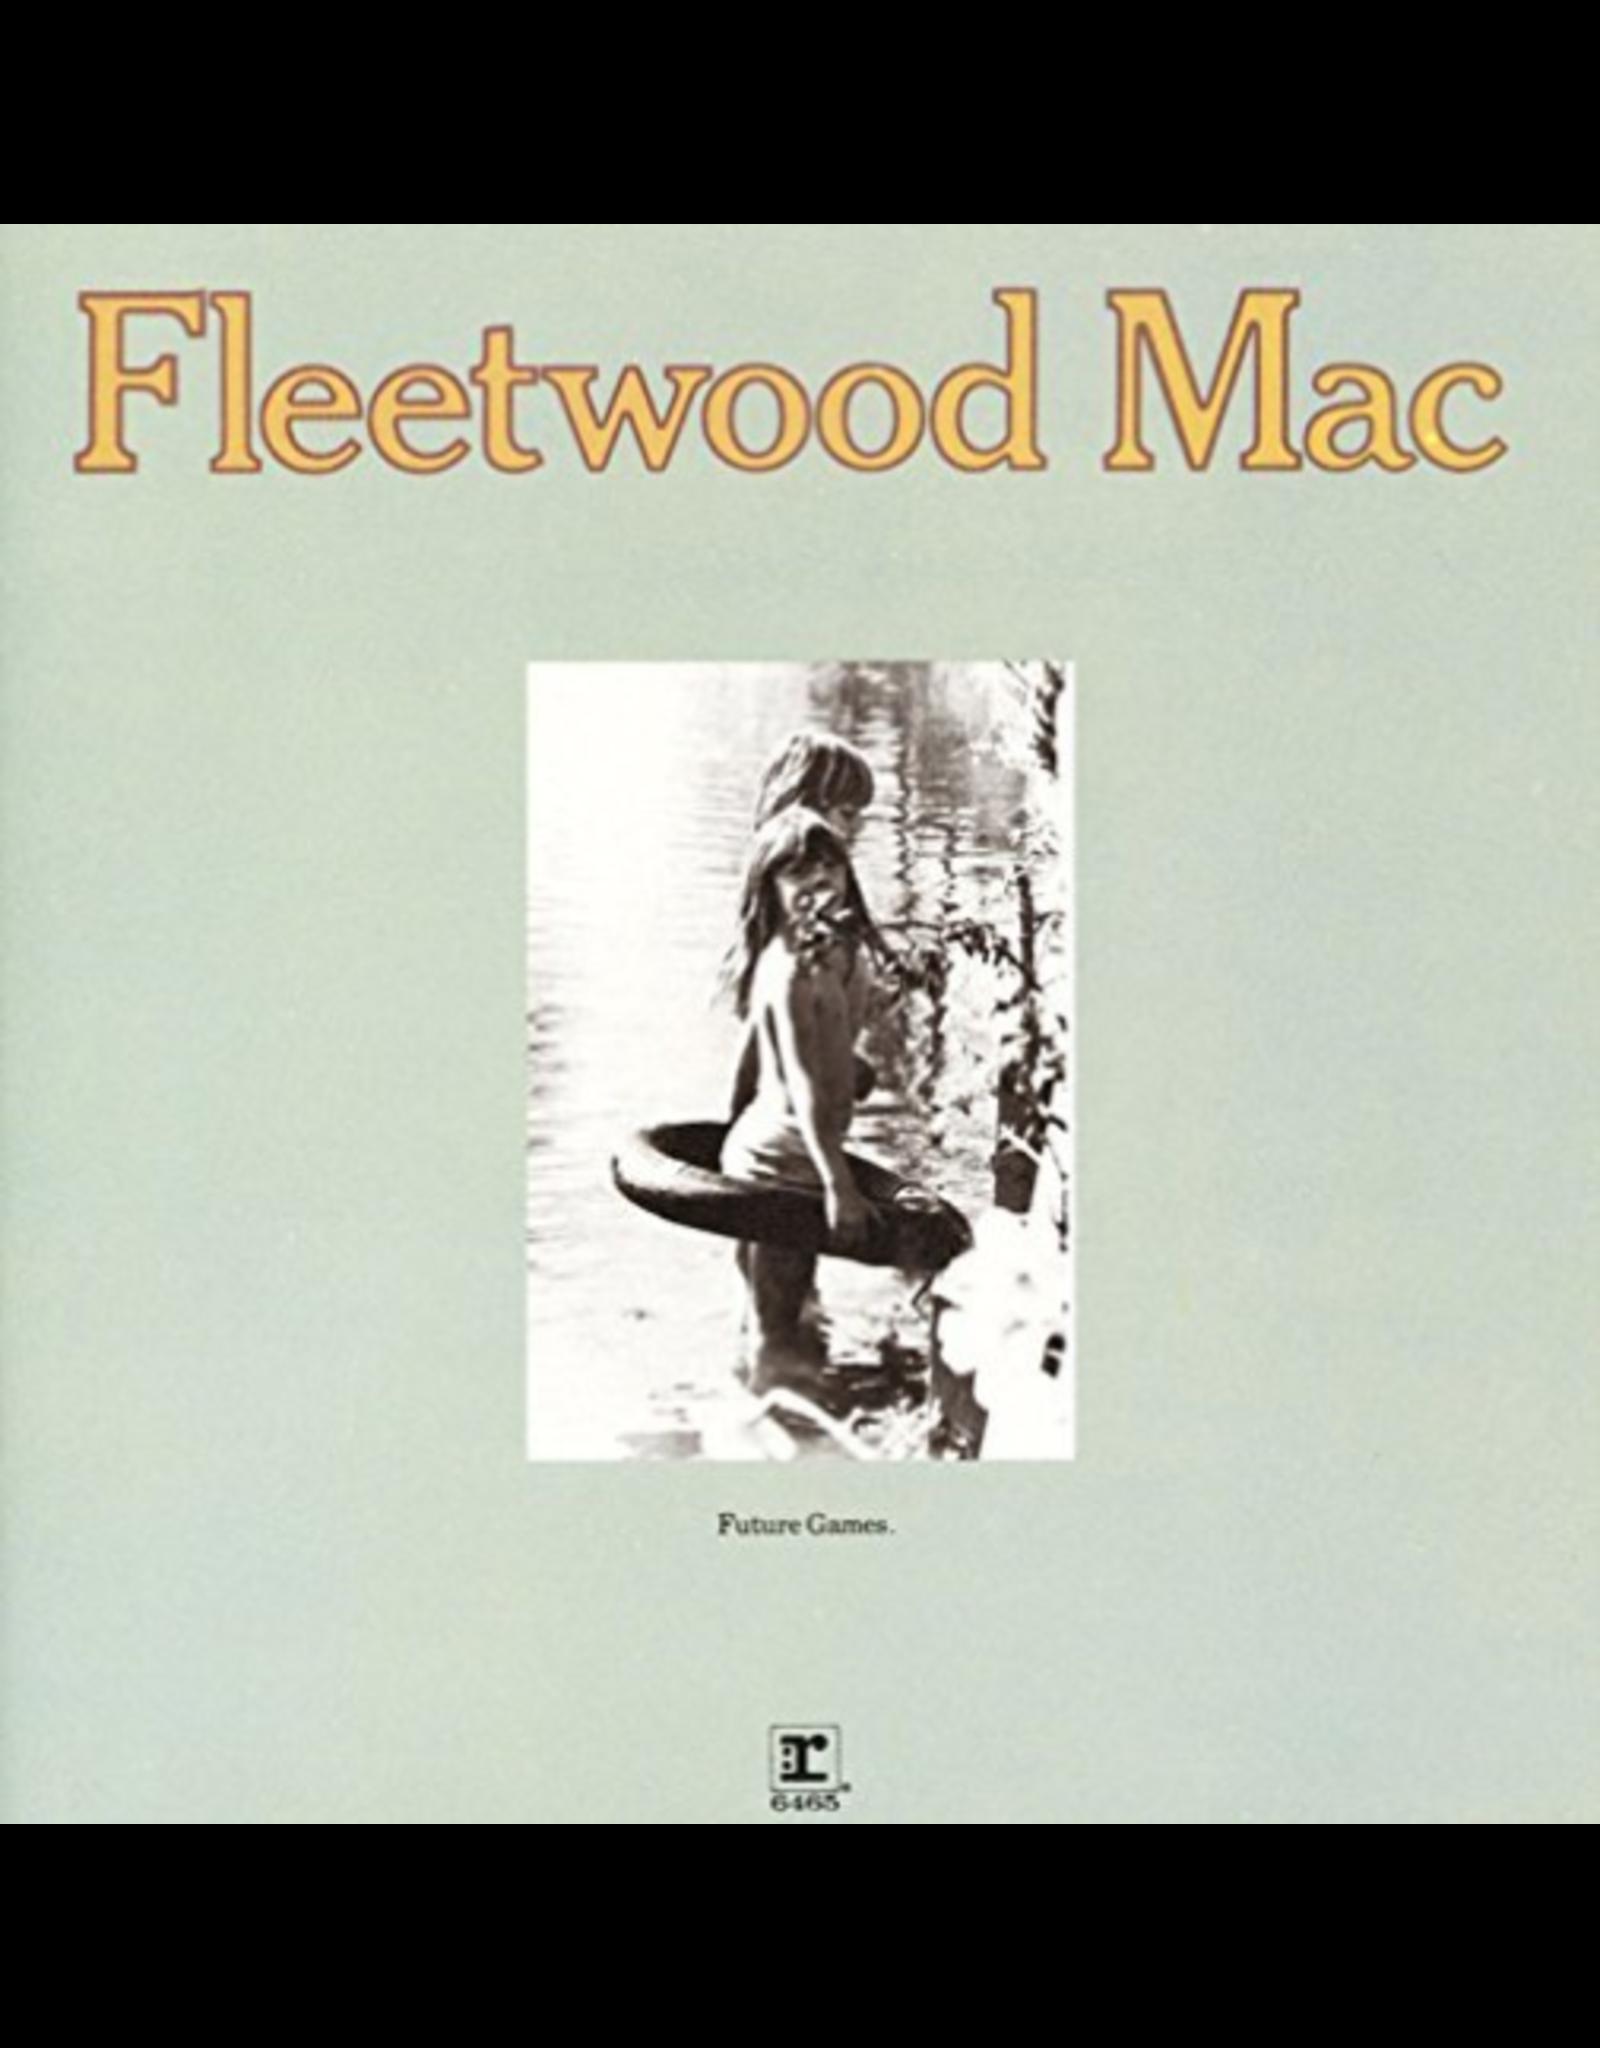 Fleetwood Mac - Future Games LP